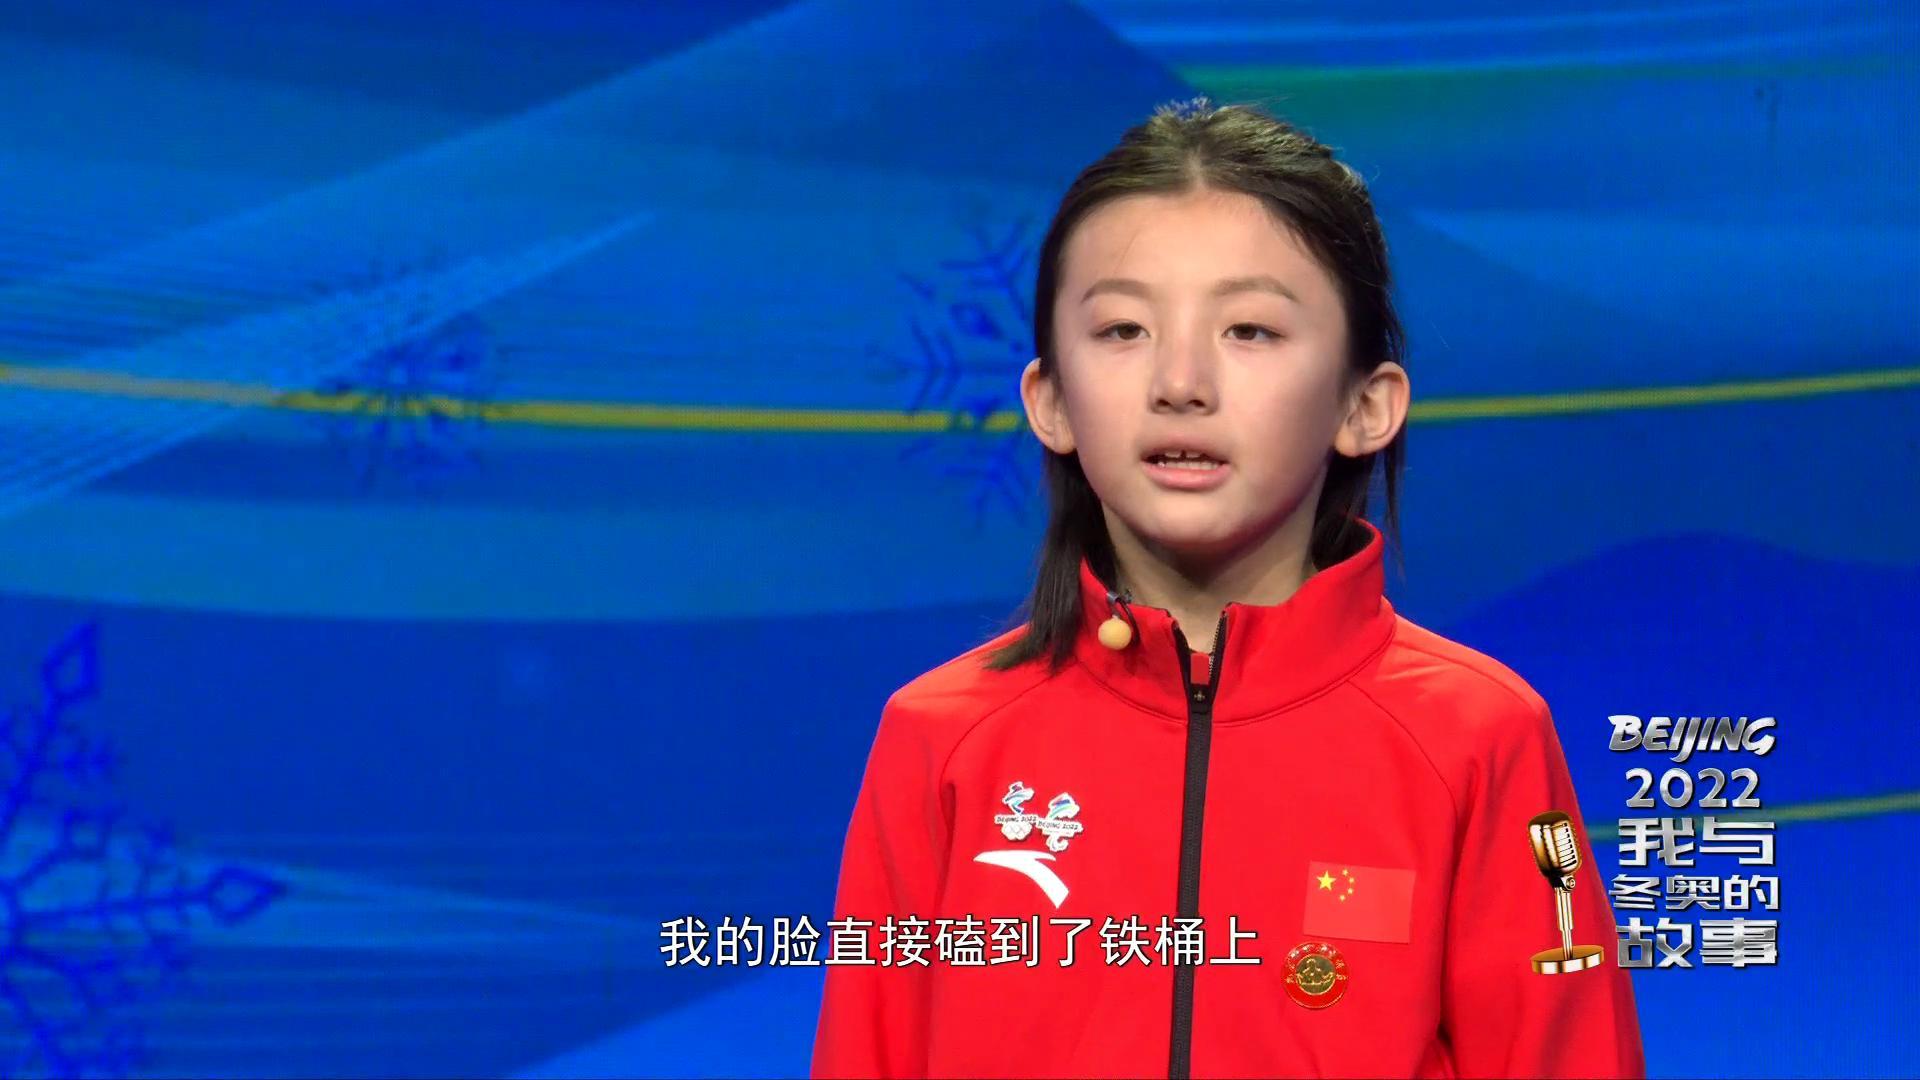 王凯文:滑雪吧,爸爸